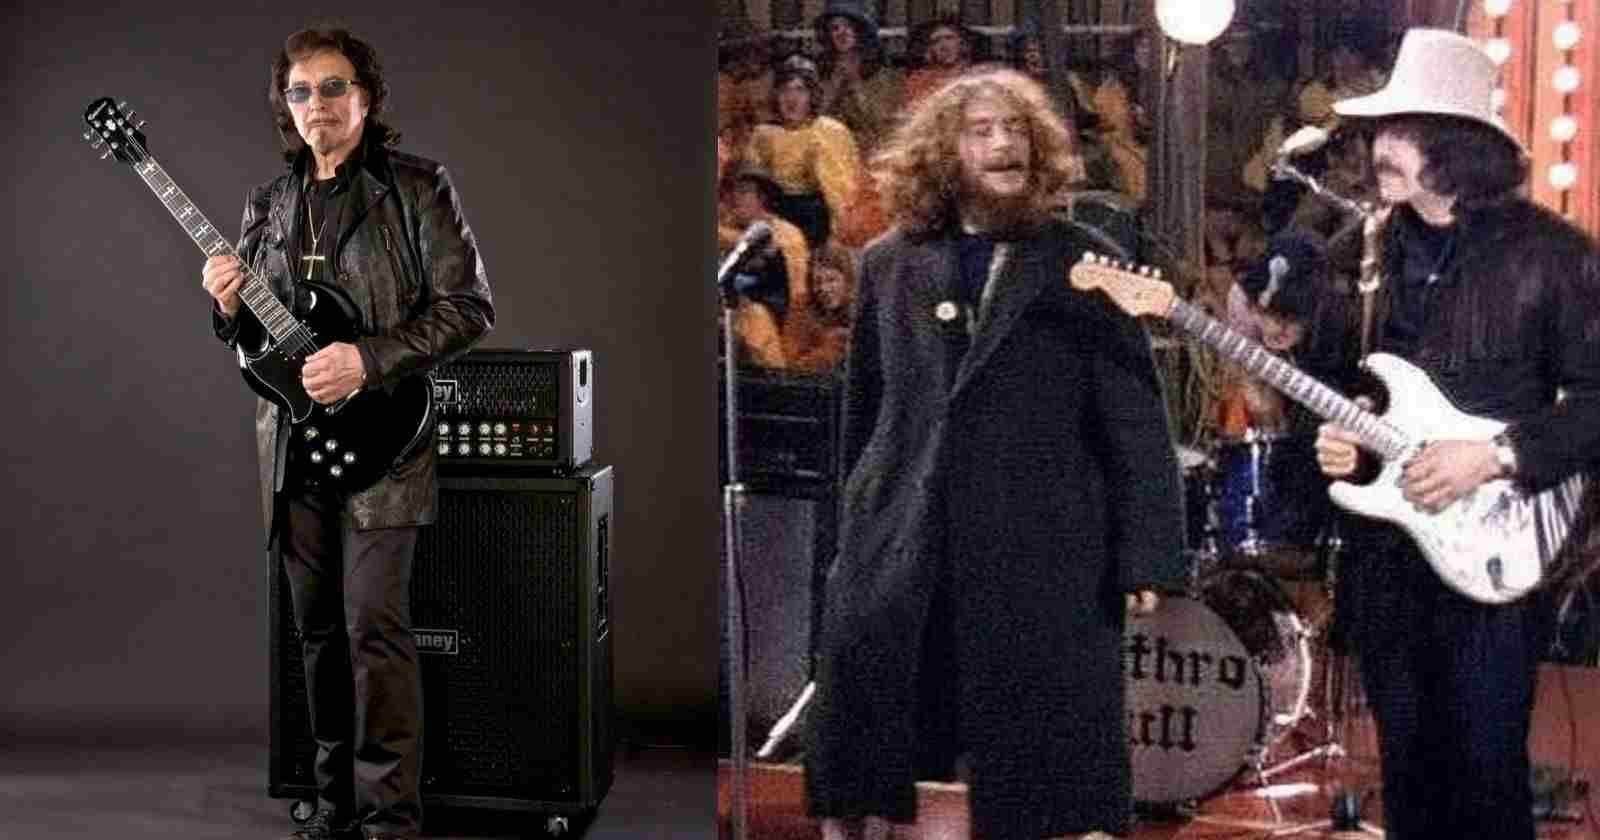 Tony Iommi Jethro Tull